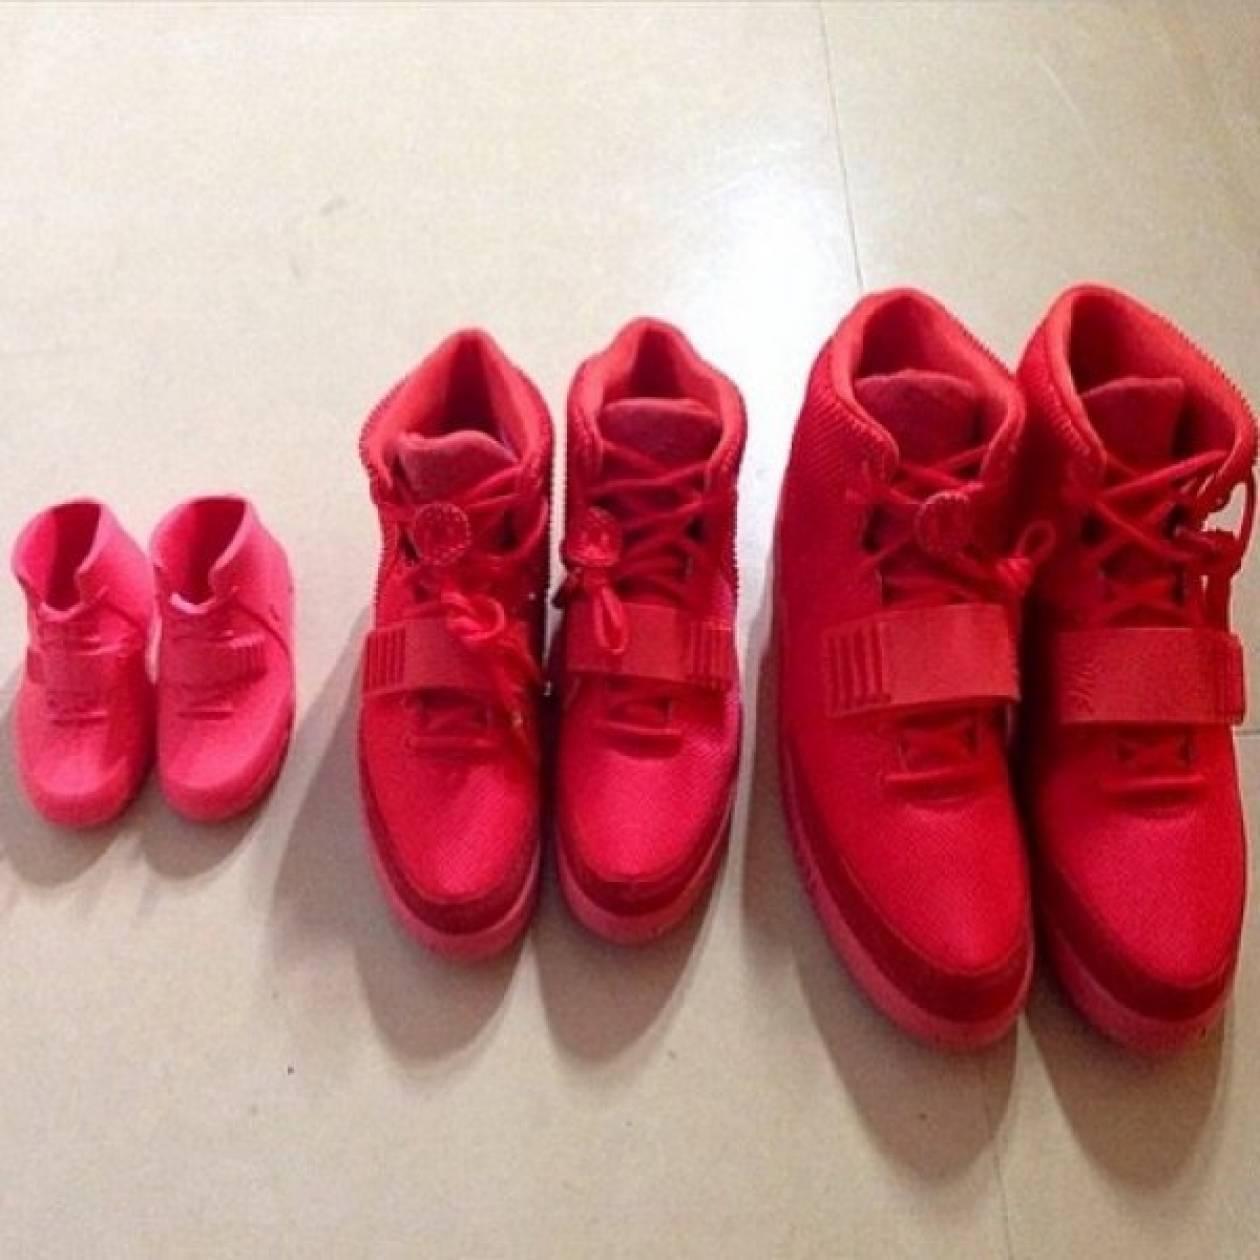 Μπαμπάς, μαμά και κόρη έχουν τα ίδια φούξια αθλητικά παπούτσια!